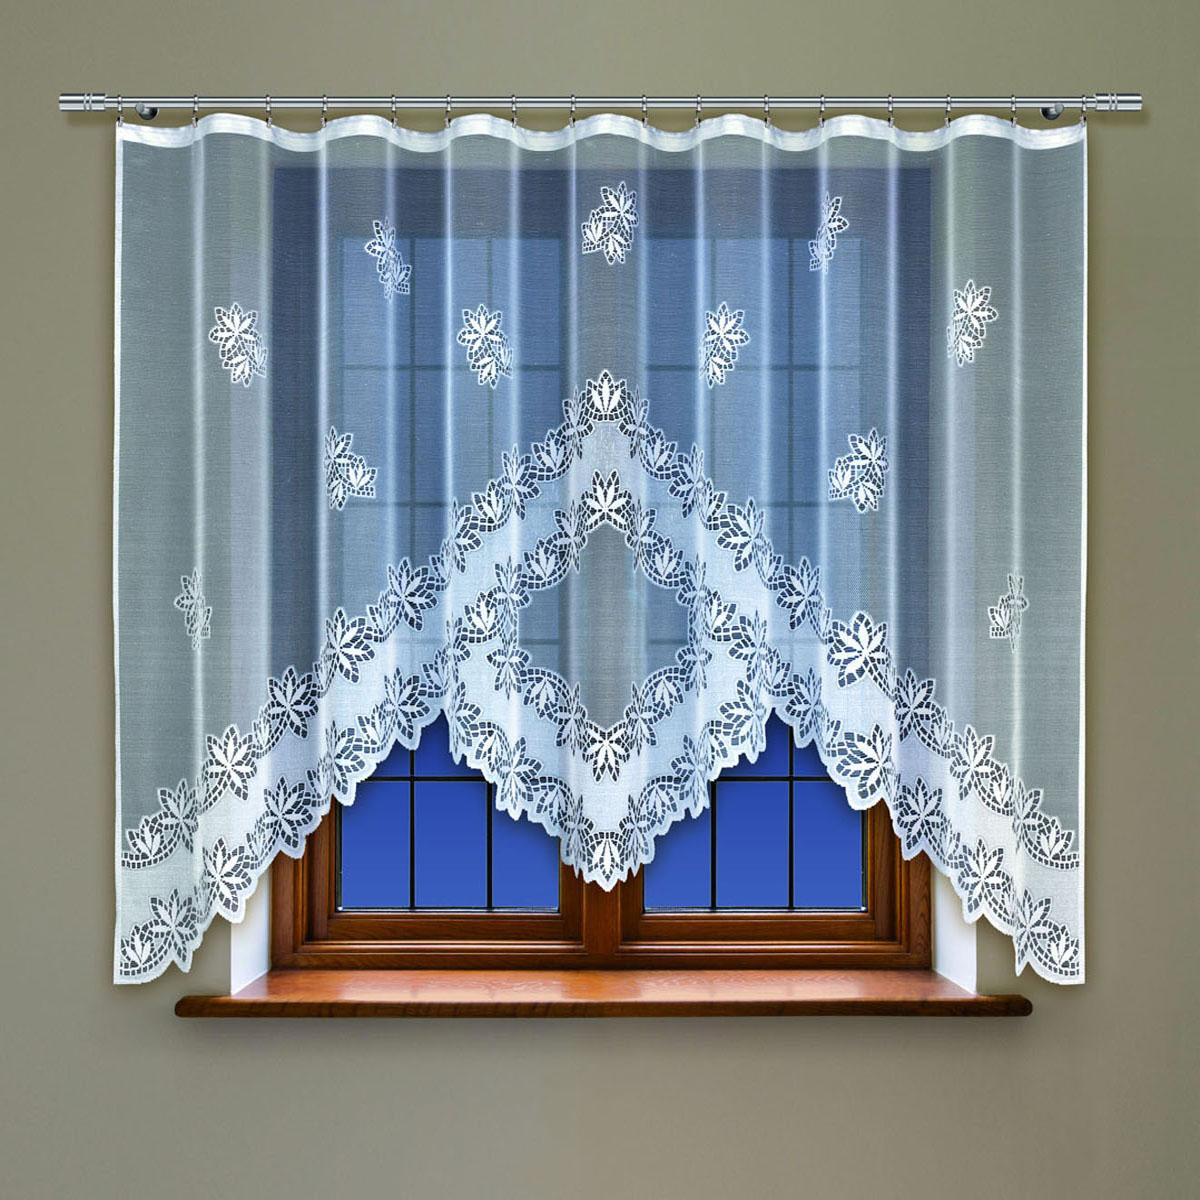 Гардина Haft, цвет: белый, ширина 300 см, высота 160 см. 214360/16004274-ШП-ГБ-013Жаккардовая гардина в кухню белого цветаРазмеры: высота 160см * ширина 300см